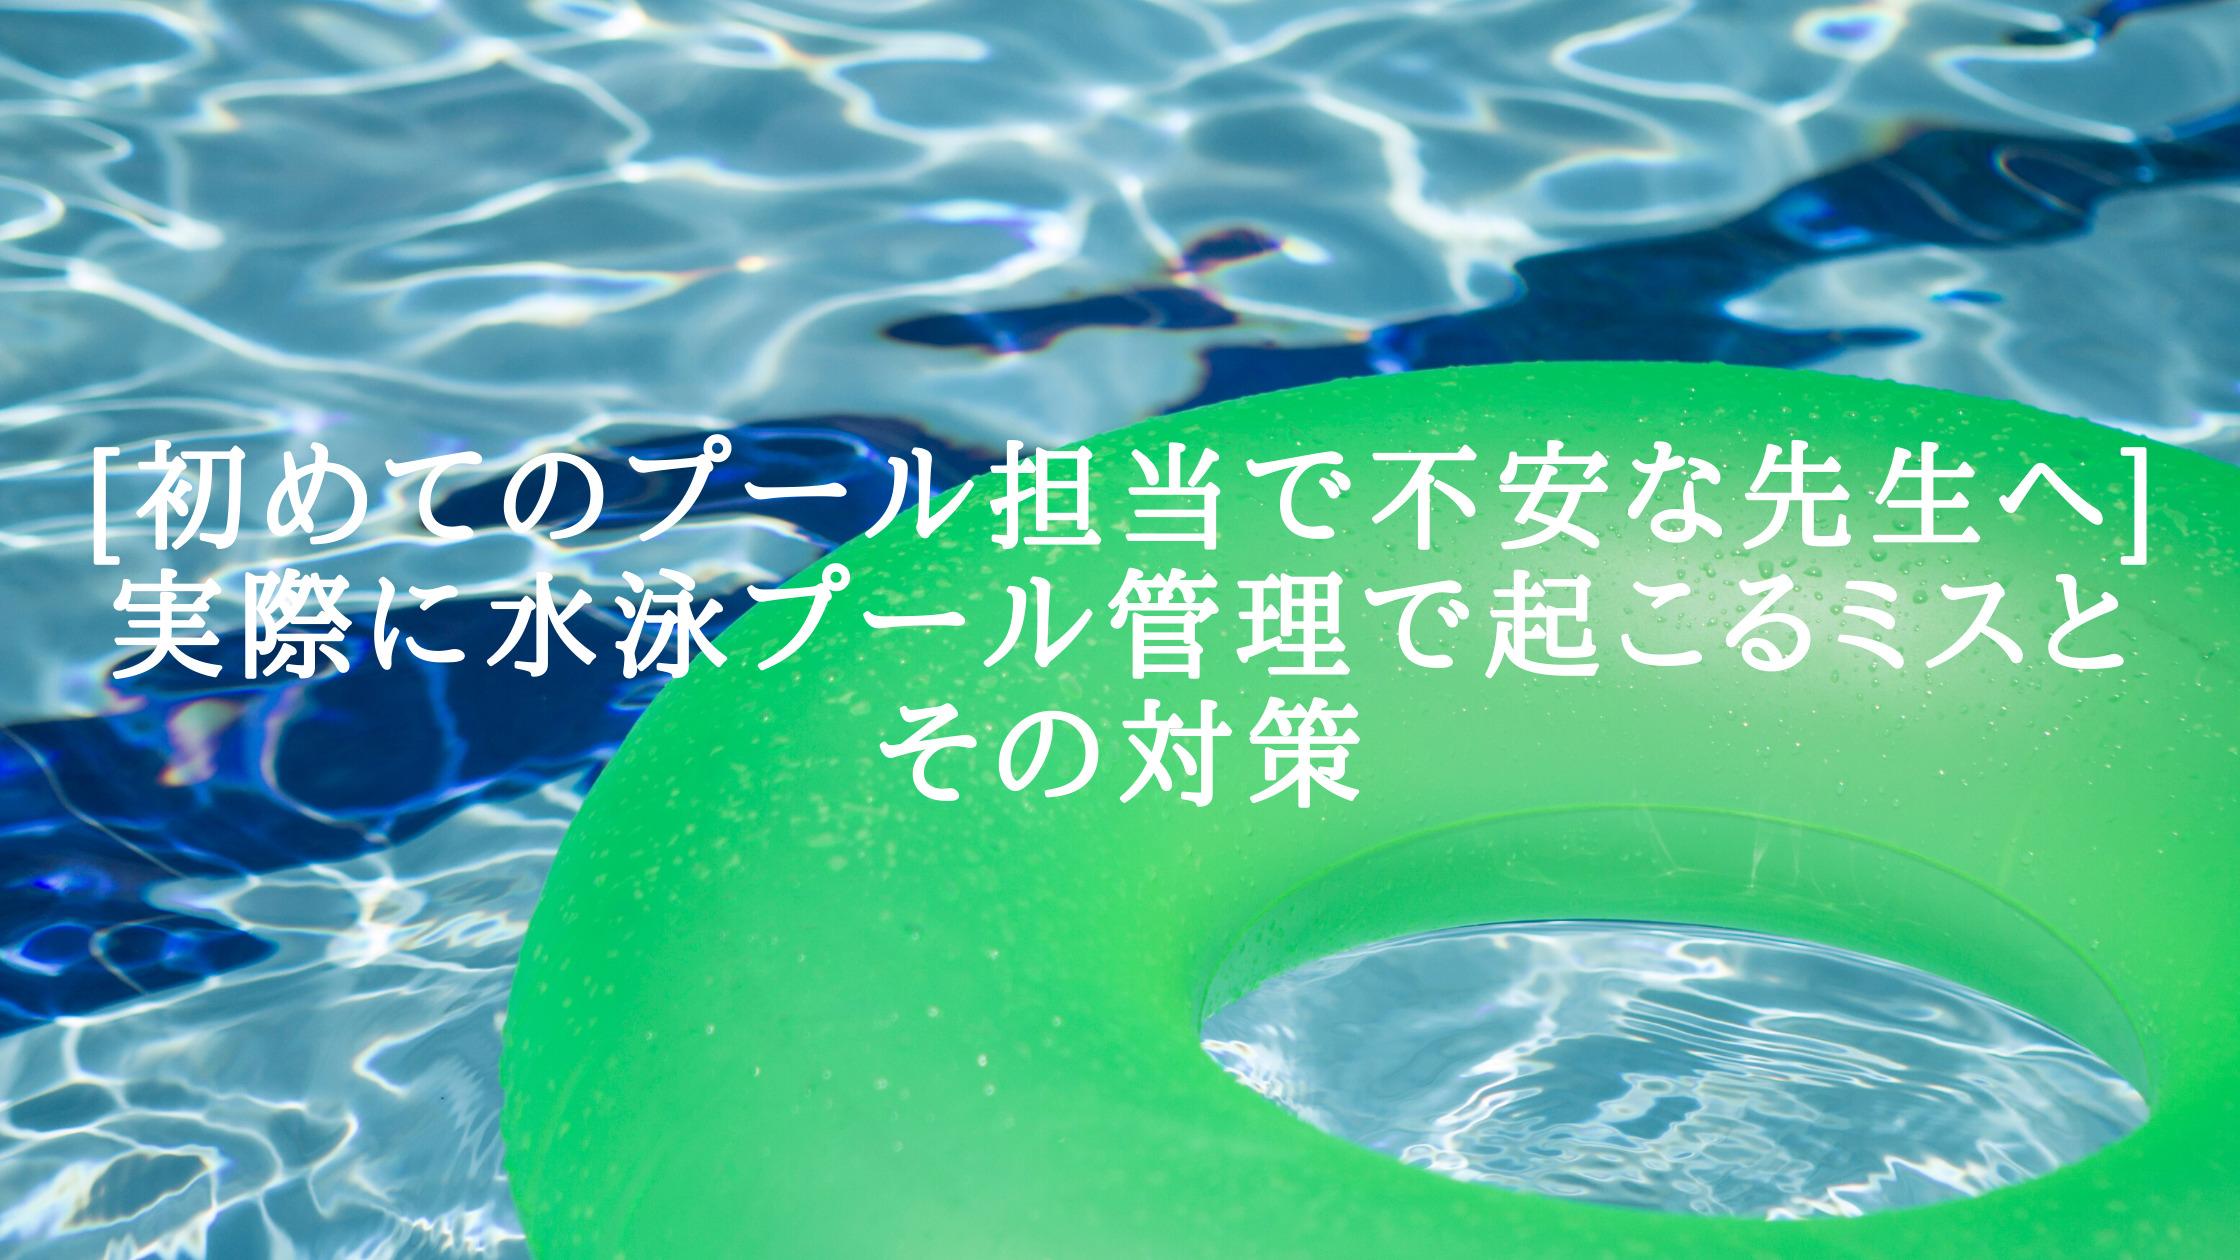 [初めてのプール担当で不安な先生へ]実際に水泳プール管理で起こるミスとその対策